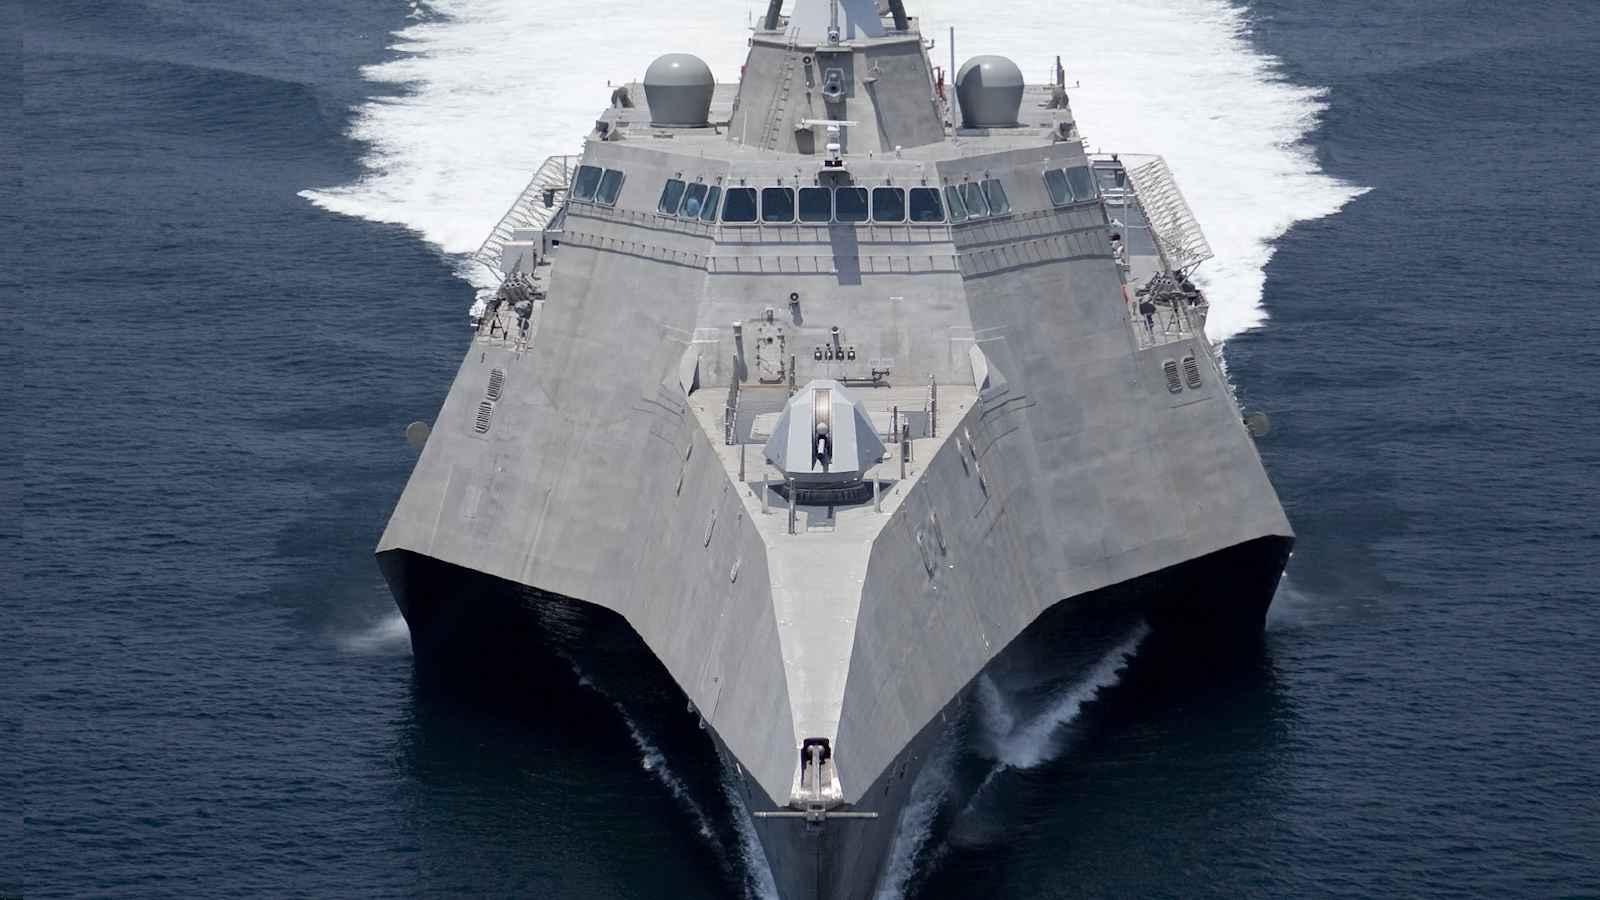 ABD Deniz Kuvvetleri personellerinin kimlik bilgileri çalındı